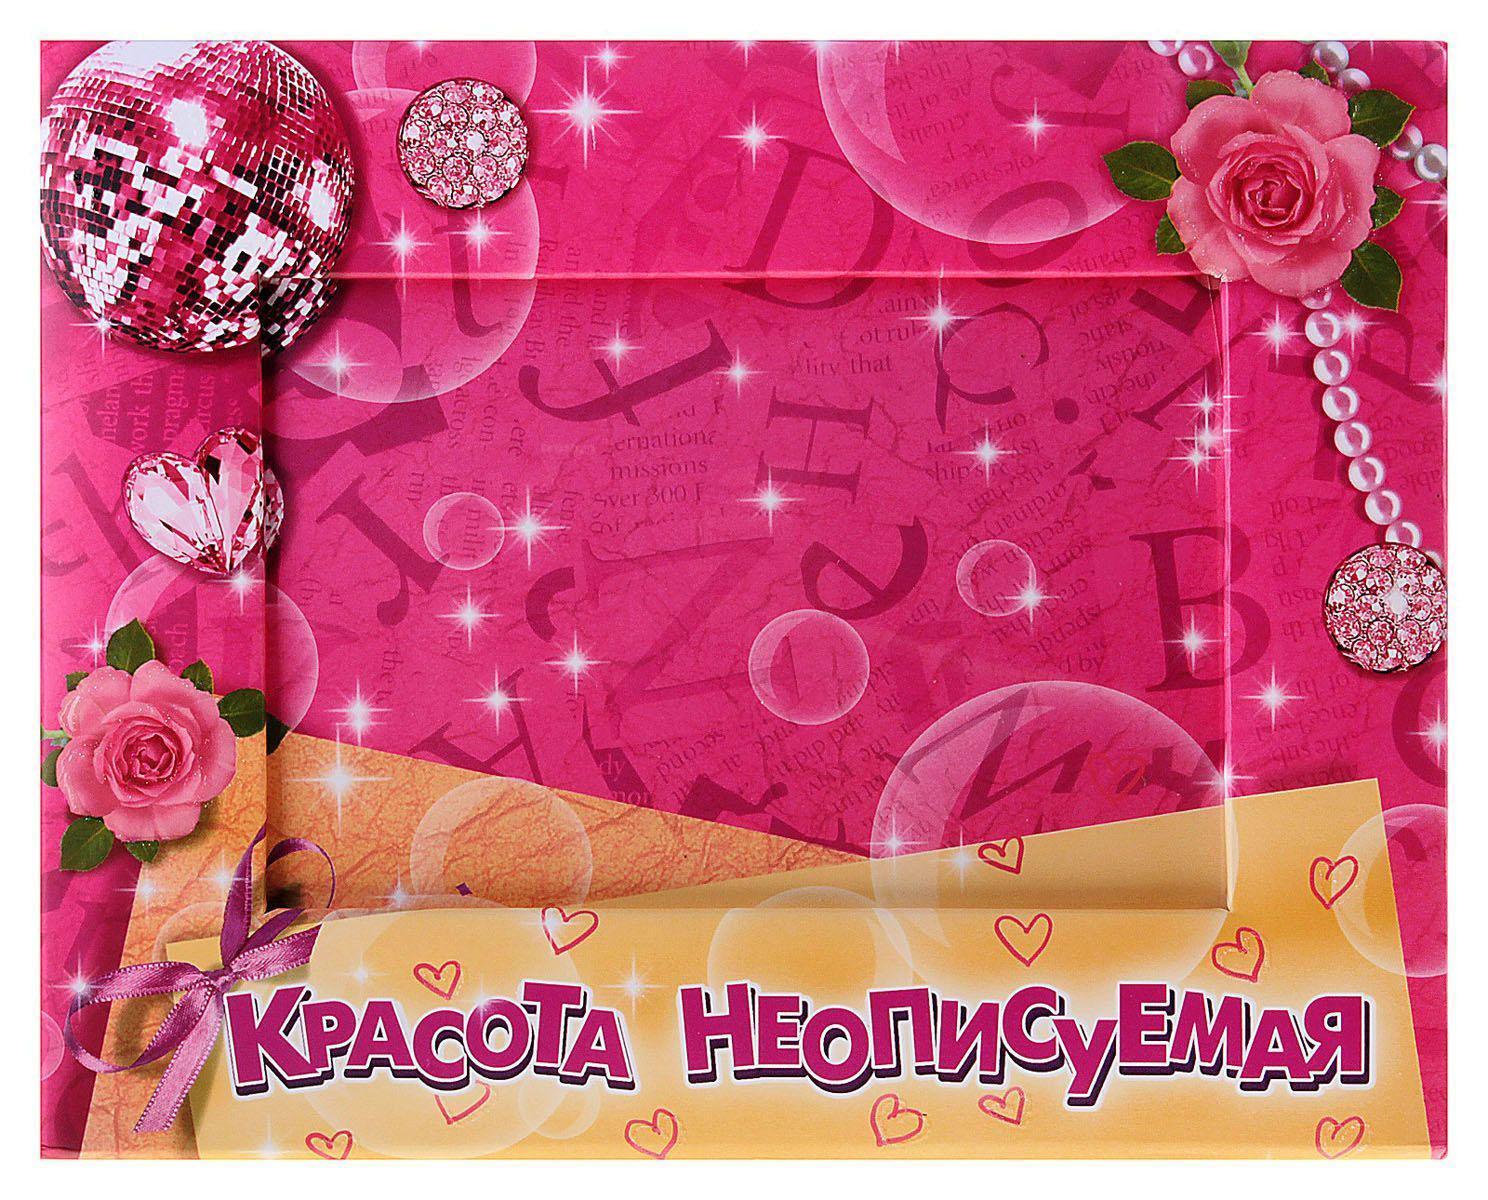 Фоторамка Sima-land Красота неописуемая, 9,5 см х 14,5 см. 66280546457 AP102328SAДекоративная фоторамка Sima-land Красота неописуемая выполнена из картона и декорирована изображением диско шара, цветов, мыльных пузырей и сердец. Обратная сторона рамки оснащена специальной ножкой, благодаря которой ее можно поставить на стол или любое другое место в доме или офисе. Такая фоторамка украсит ваш интерьер оригинальным образом, а также позволит сохранить память о дорогих вам людях и интересных событиях вашей жизни. С ней вы сможете не просто внести в интерьер своего дома элемент оригинальности, но и создать атмосферу загадочности и изысканности.